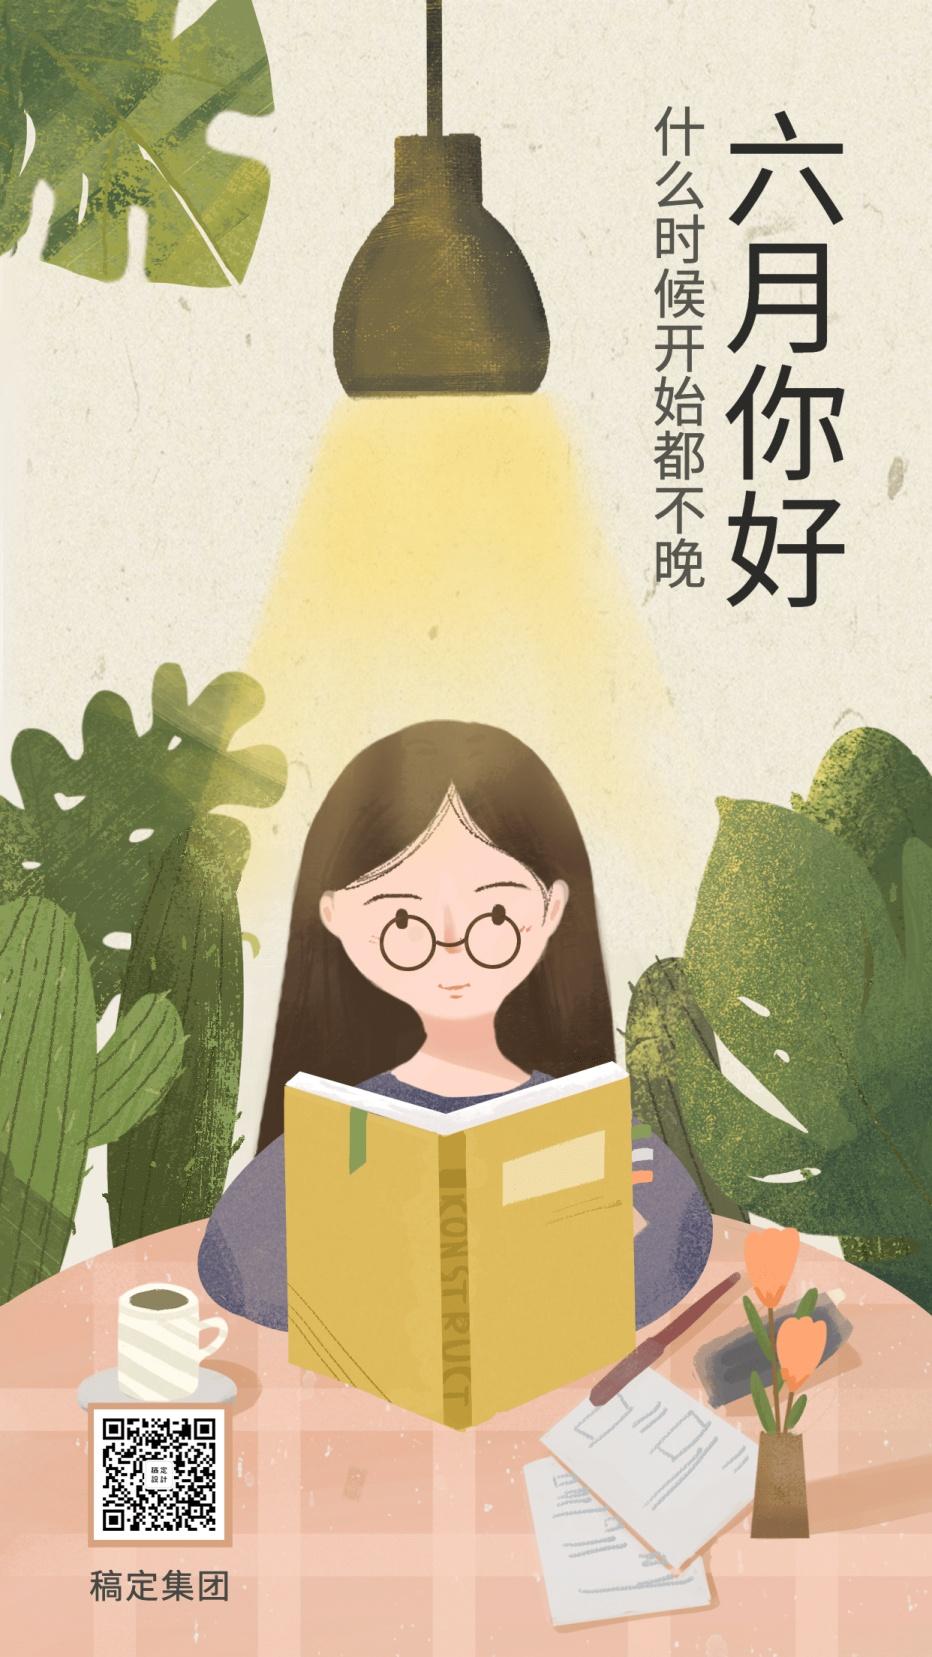 6月你好月初读书插画手机海报